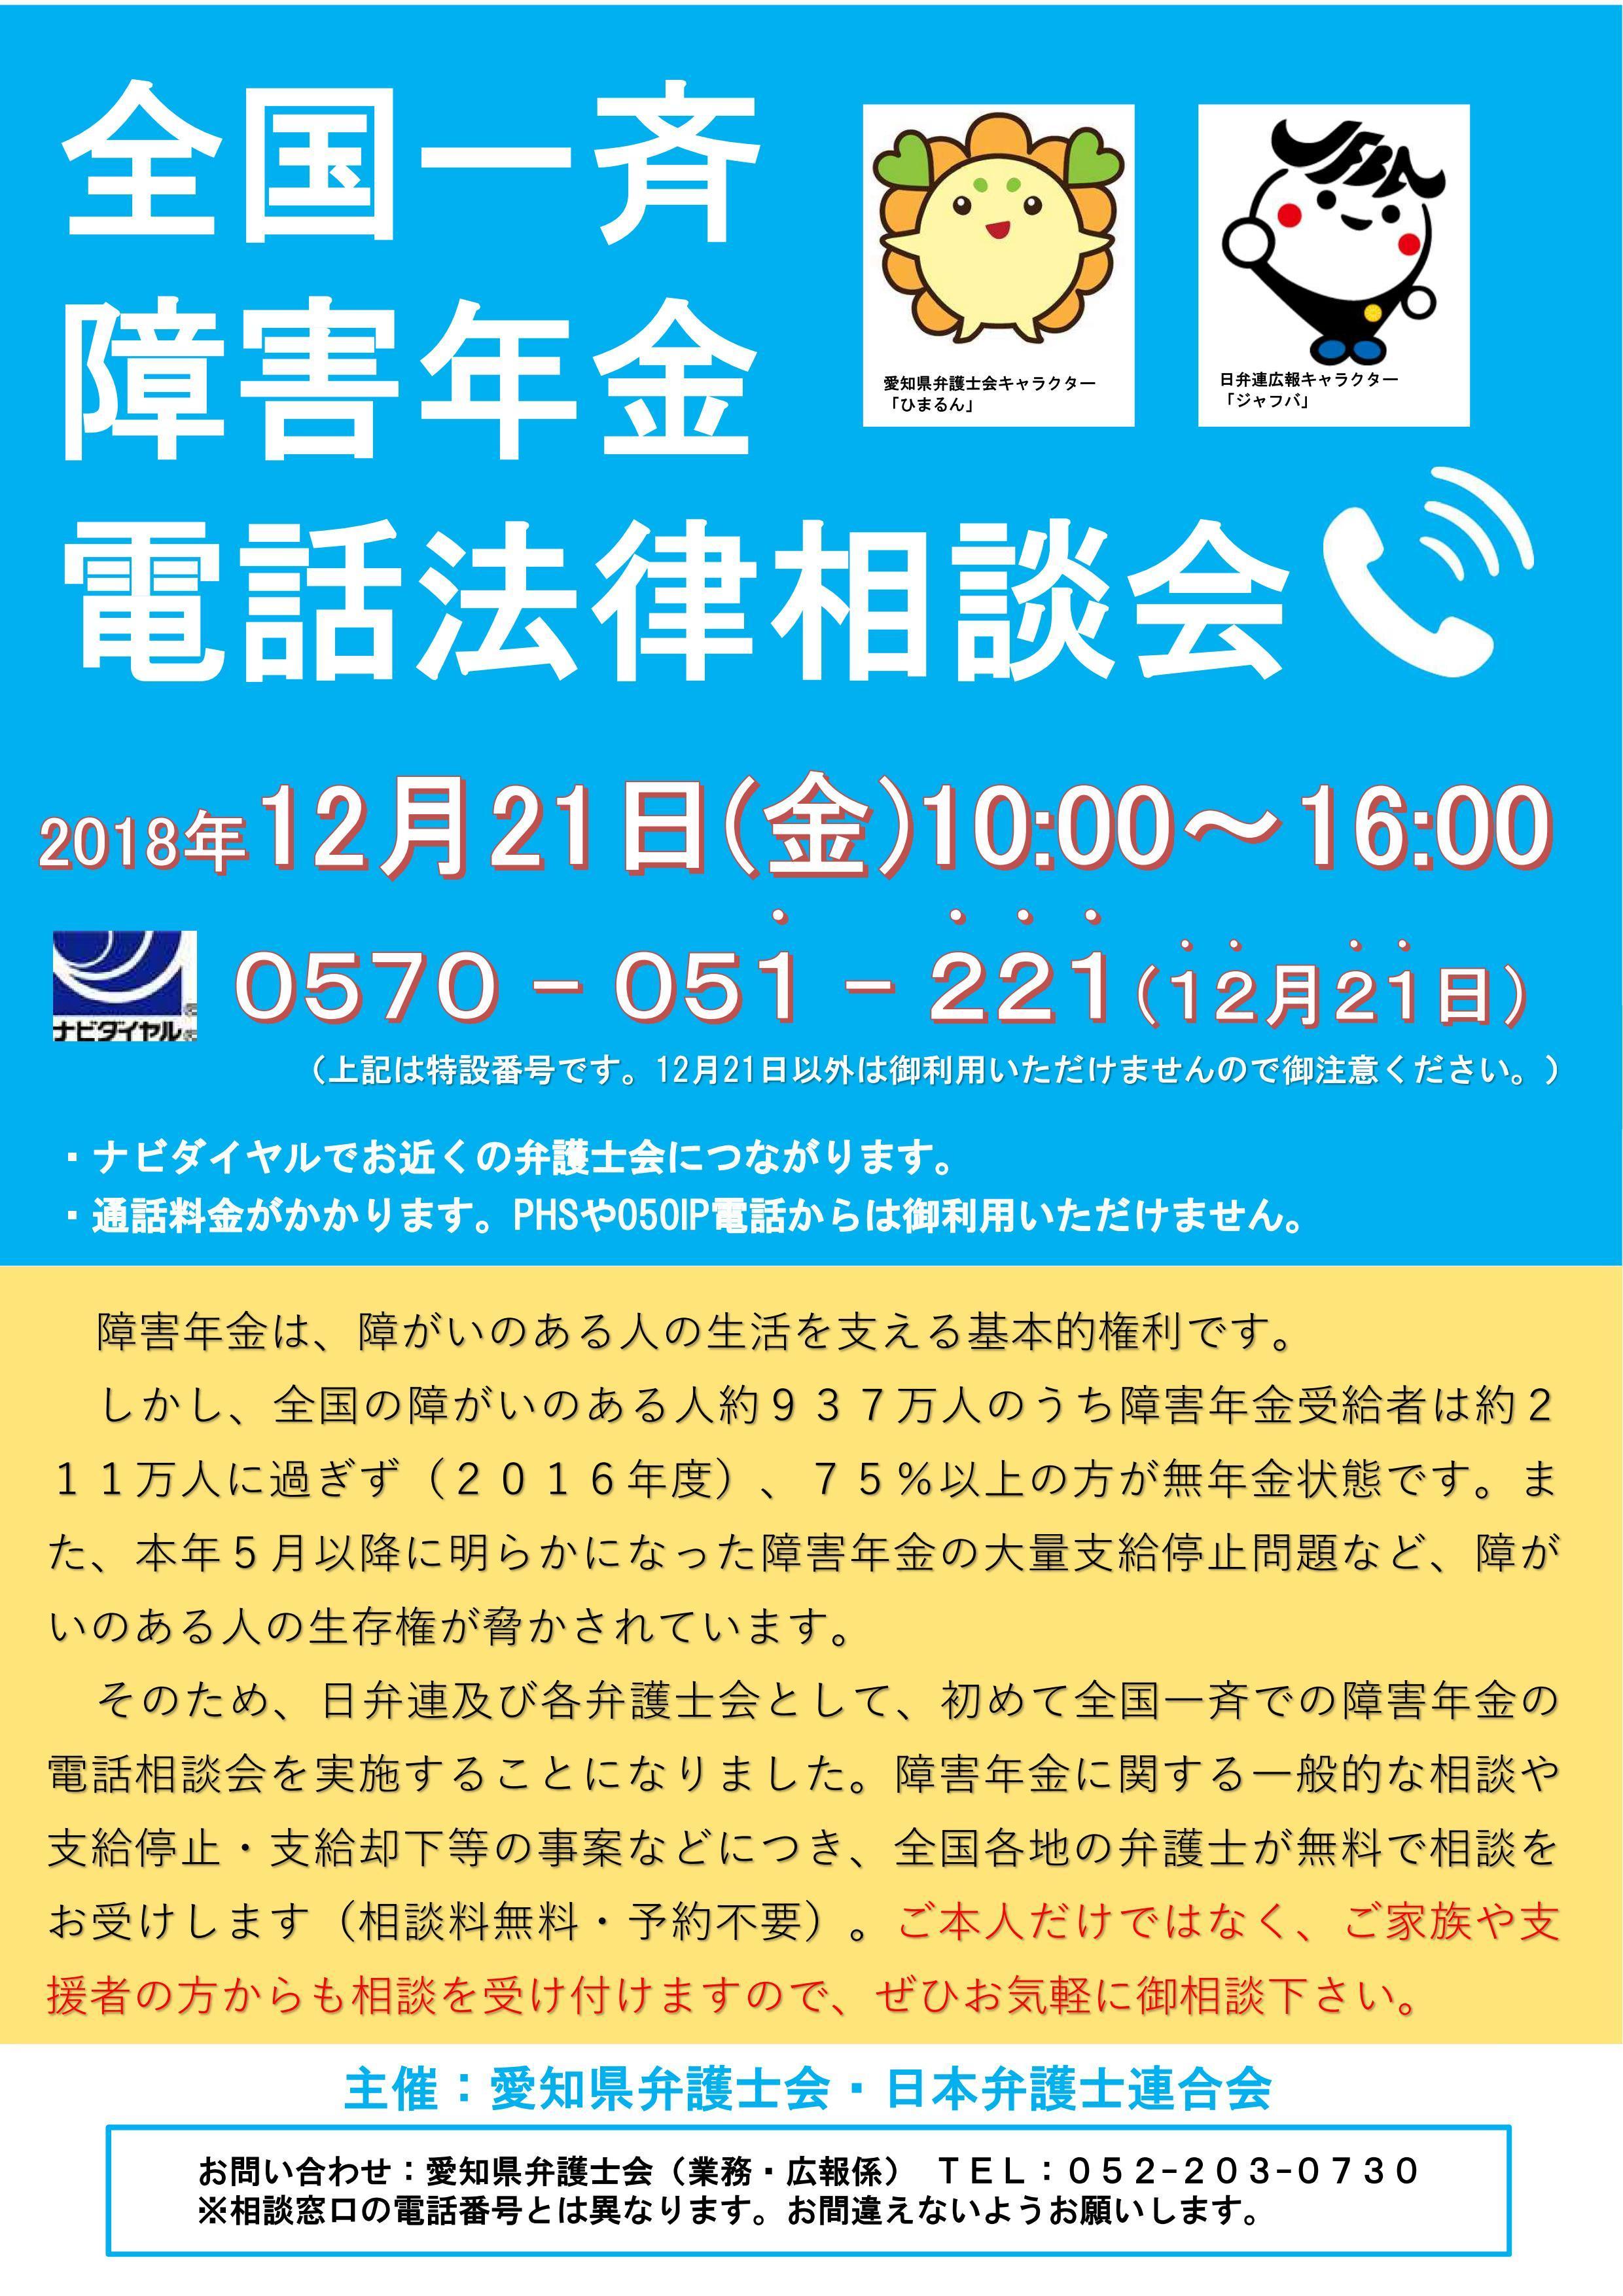 20181221全国一斉障害年金電話法律相談会himarun_01.jpg